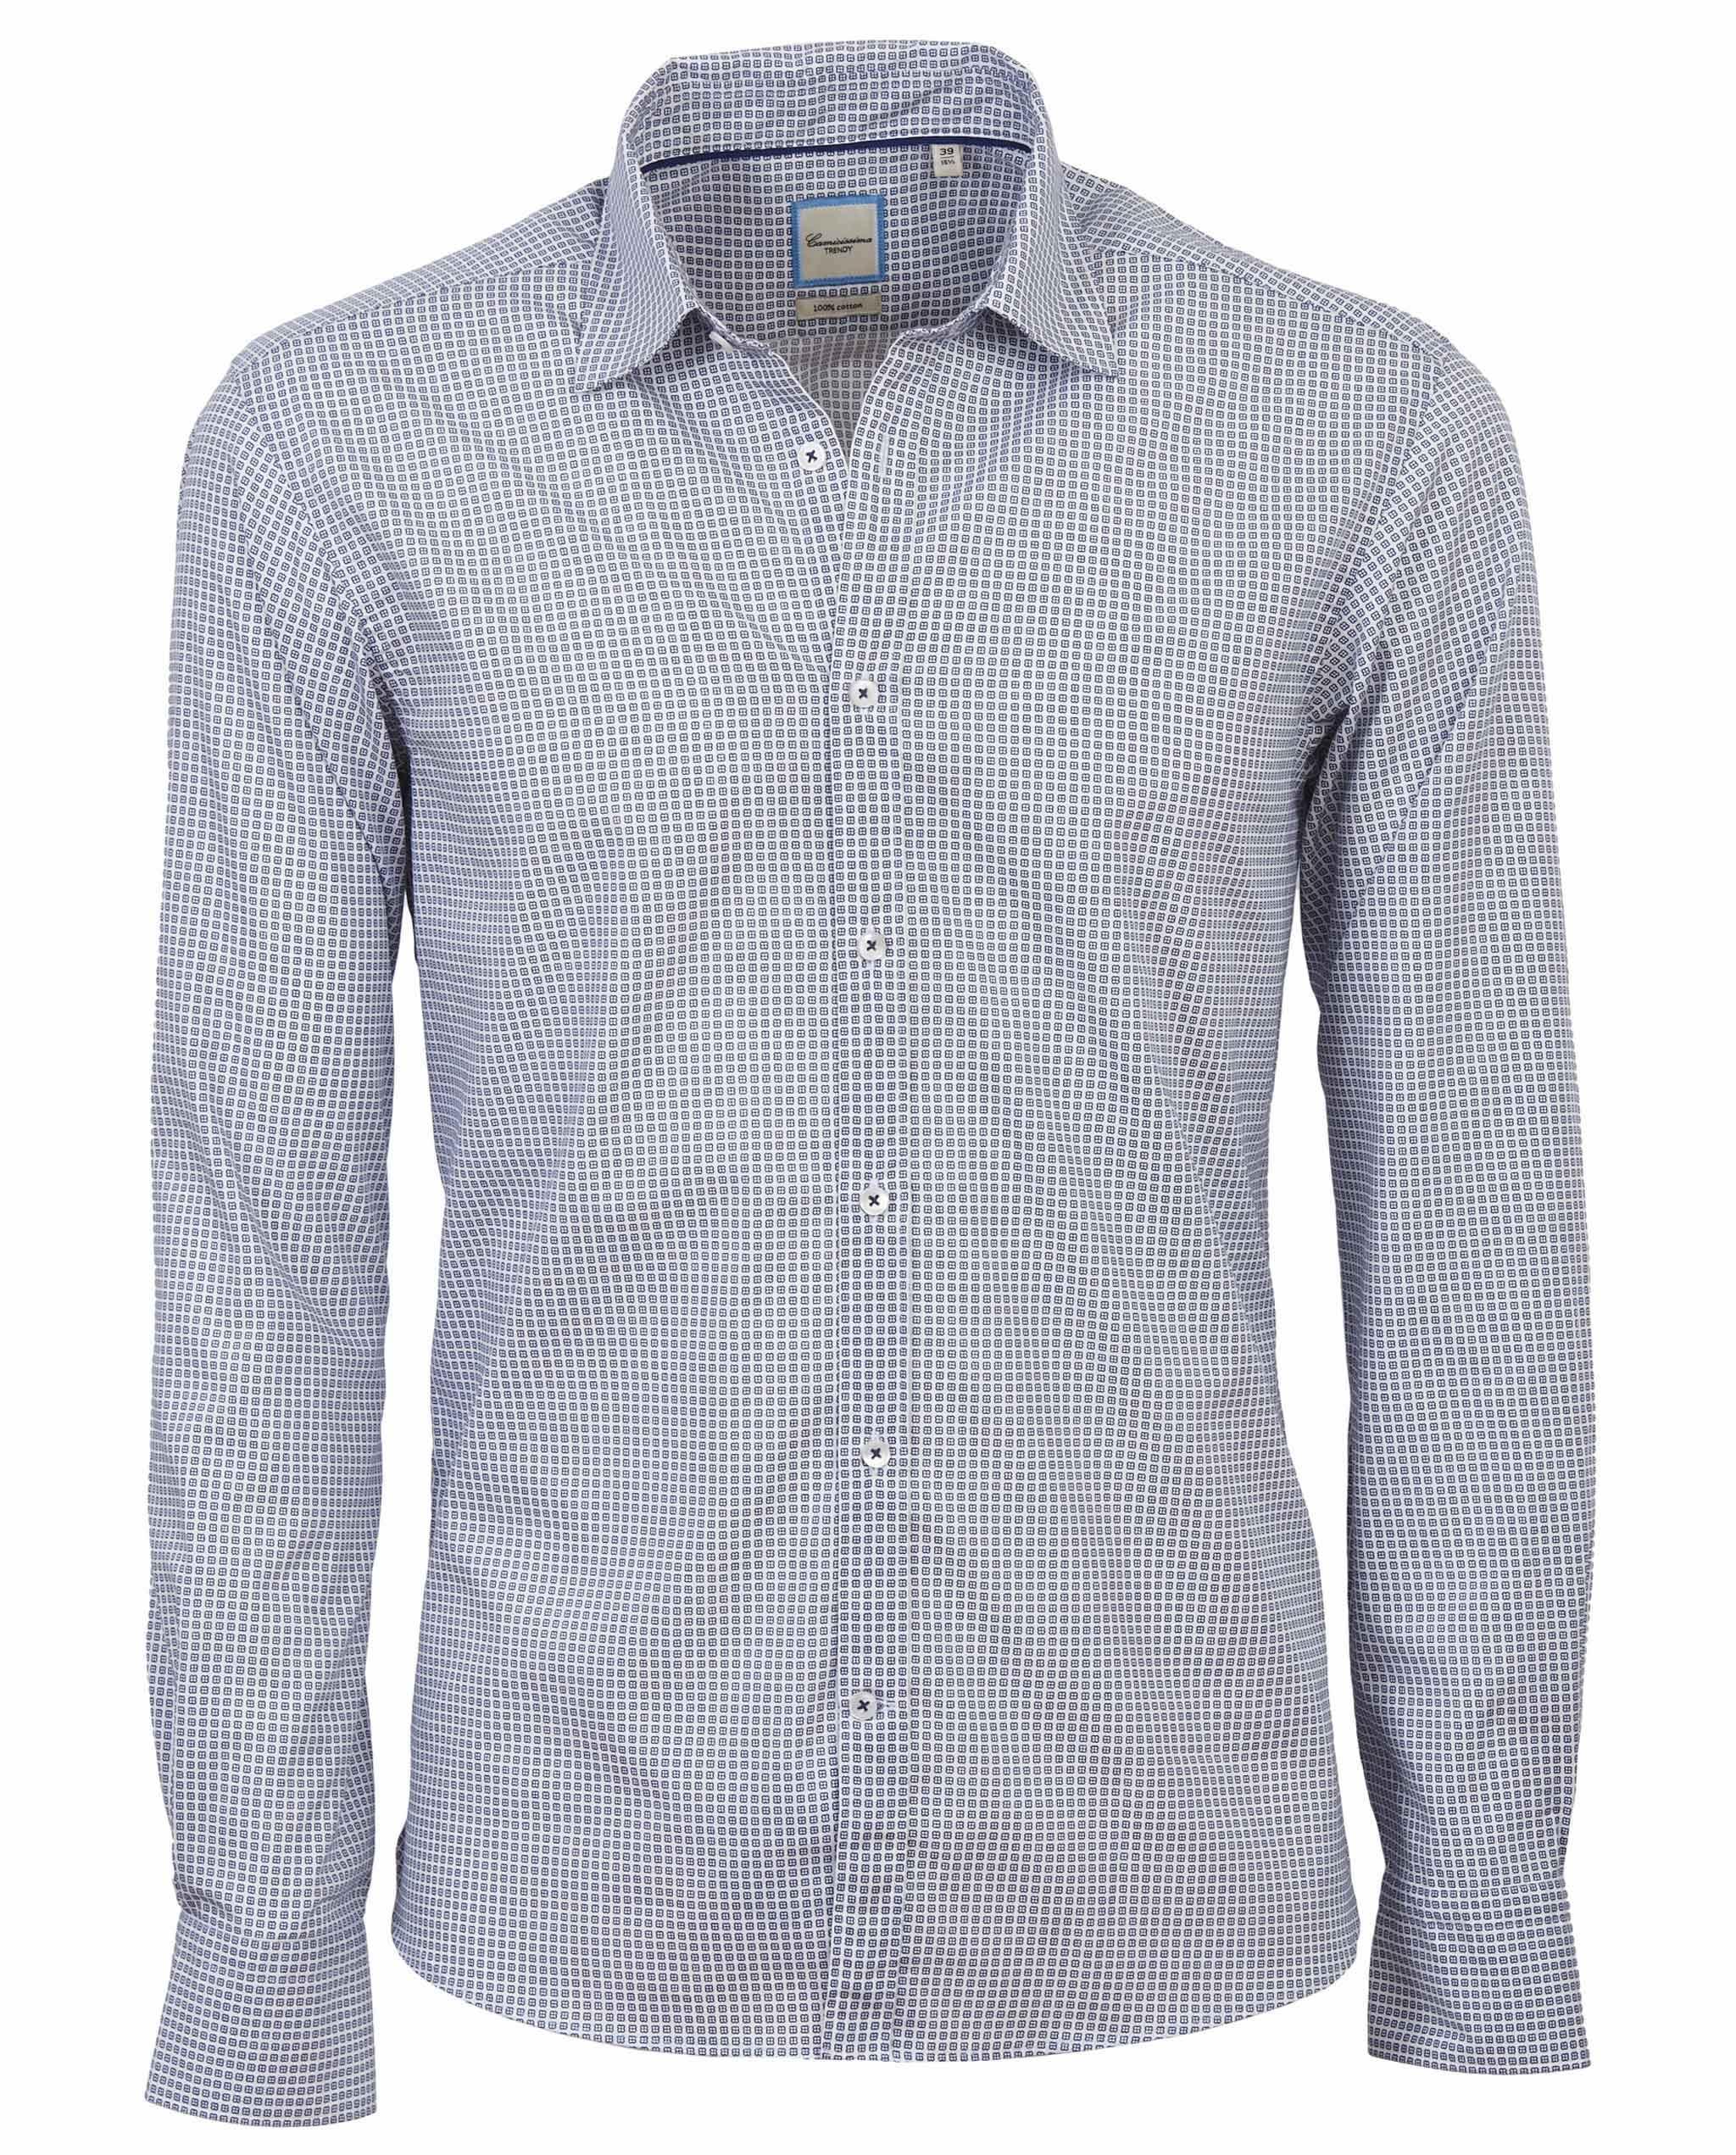 La camicia: eleganza e stile senza tempo. I nuovi trends 2018